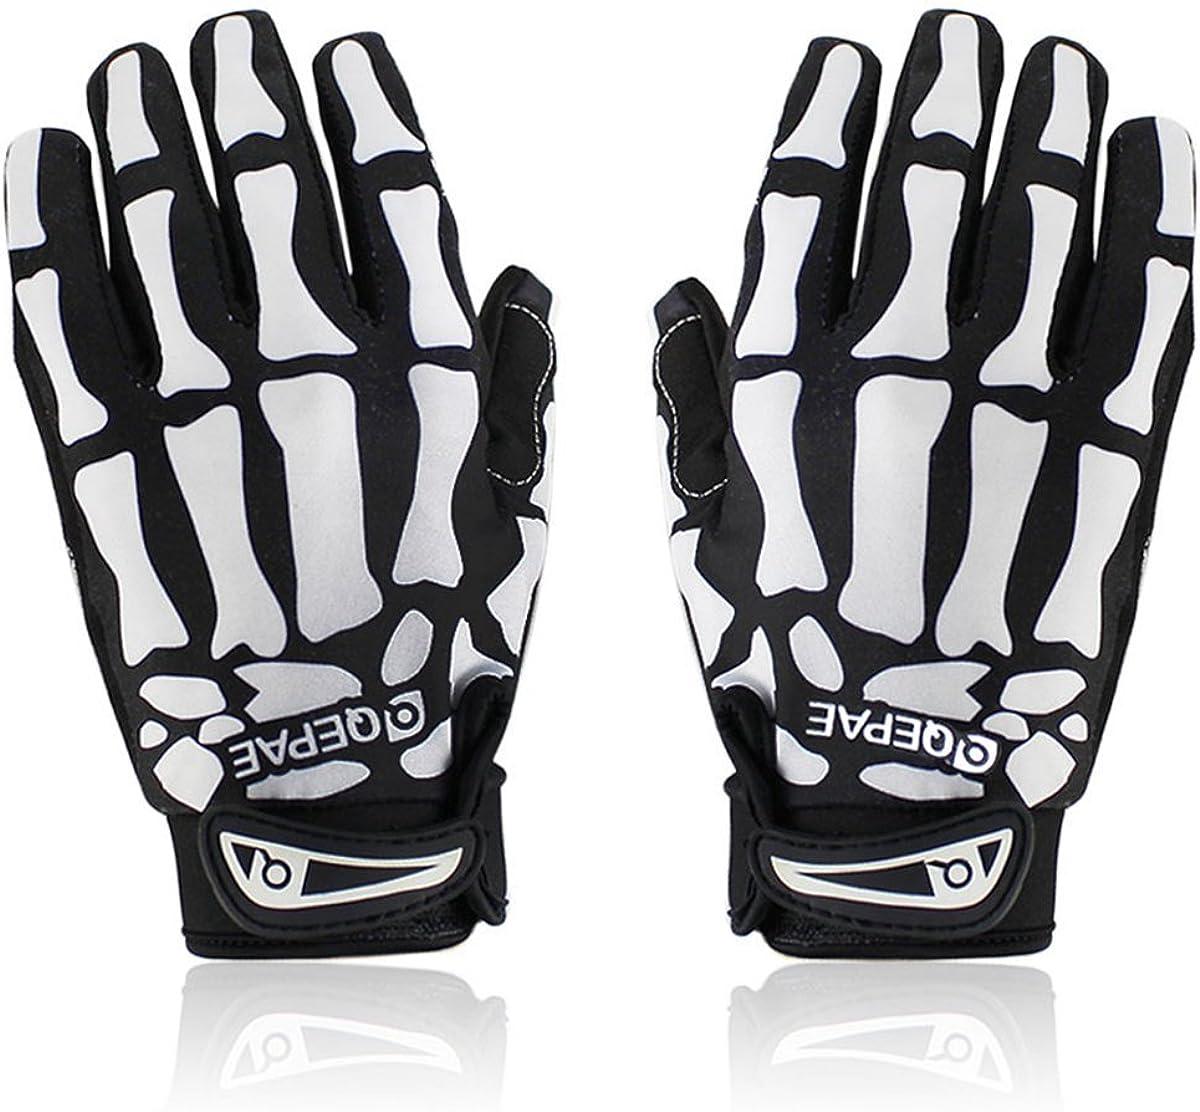 Skeleton Gloves for Max Popular brand 69% OFF Women Men Padded Skull Gel Anti-Slip